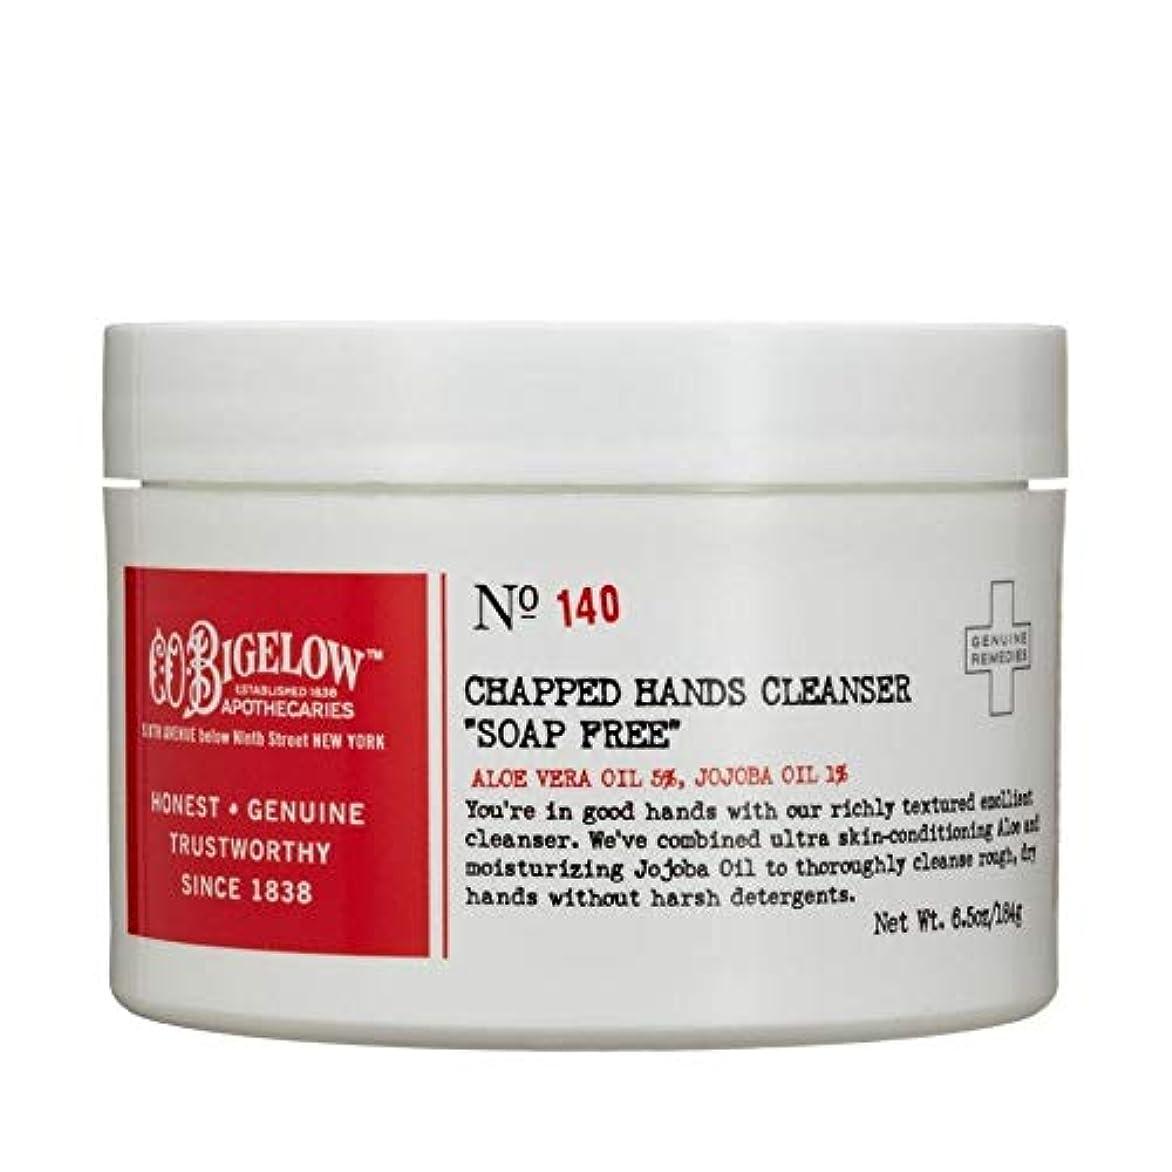 床を掃除する石炭緯度[C.O. Bigelow] C.O.ビゲローソープフリー荒れ手クレンザー - C.O. Bigelow Soap-Free Chapped Hand Cleanser [並行輸入品]